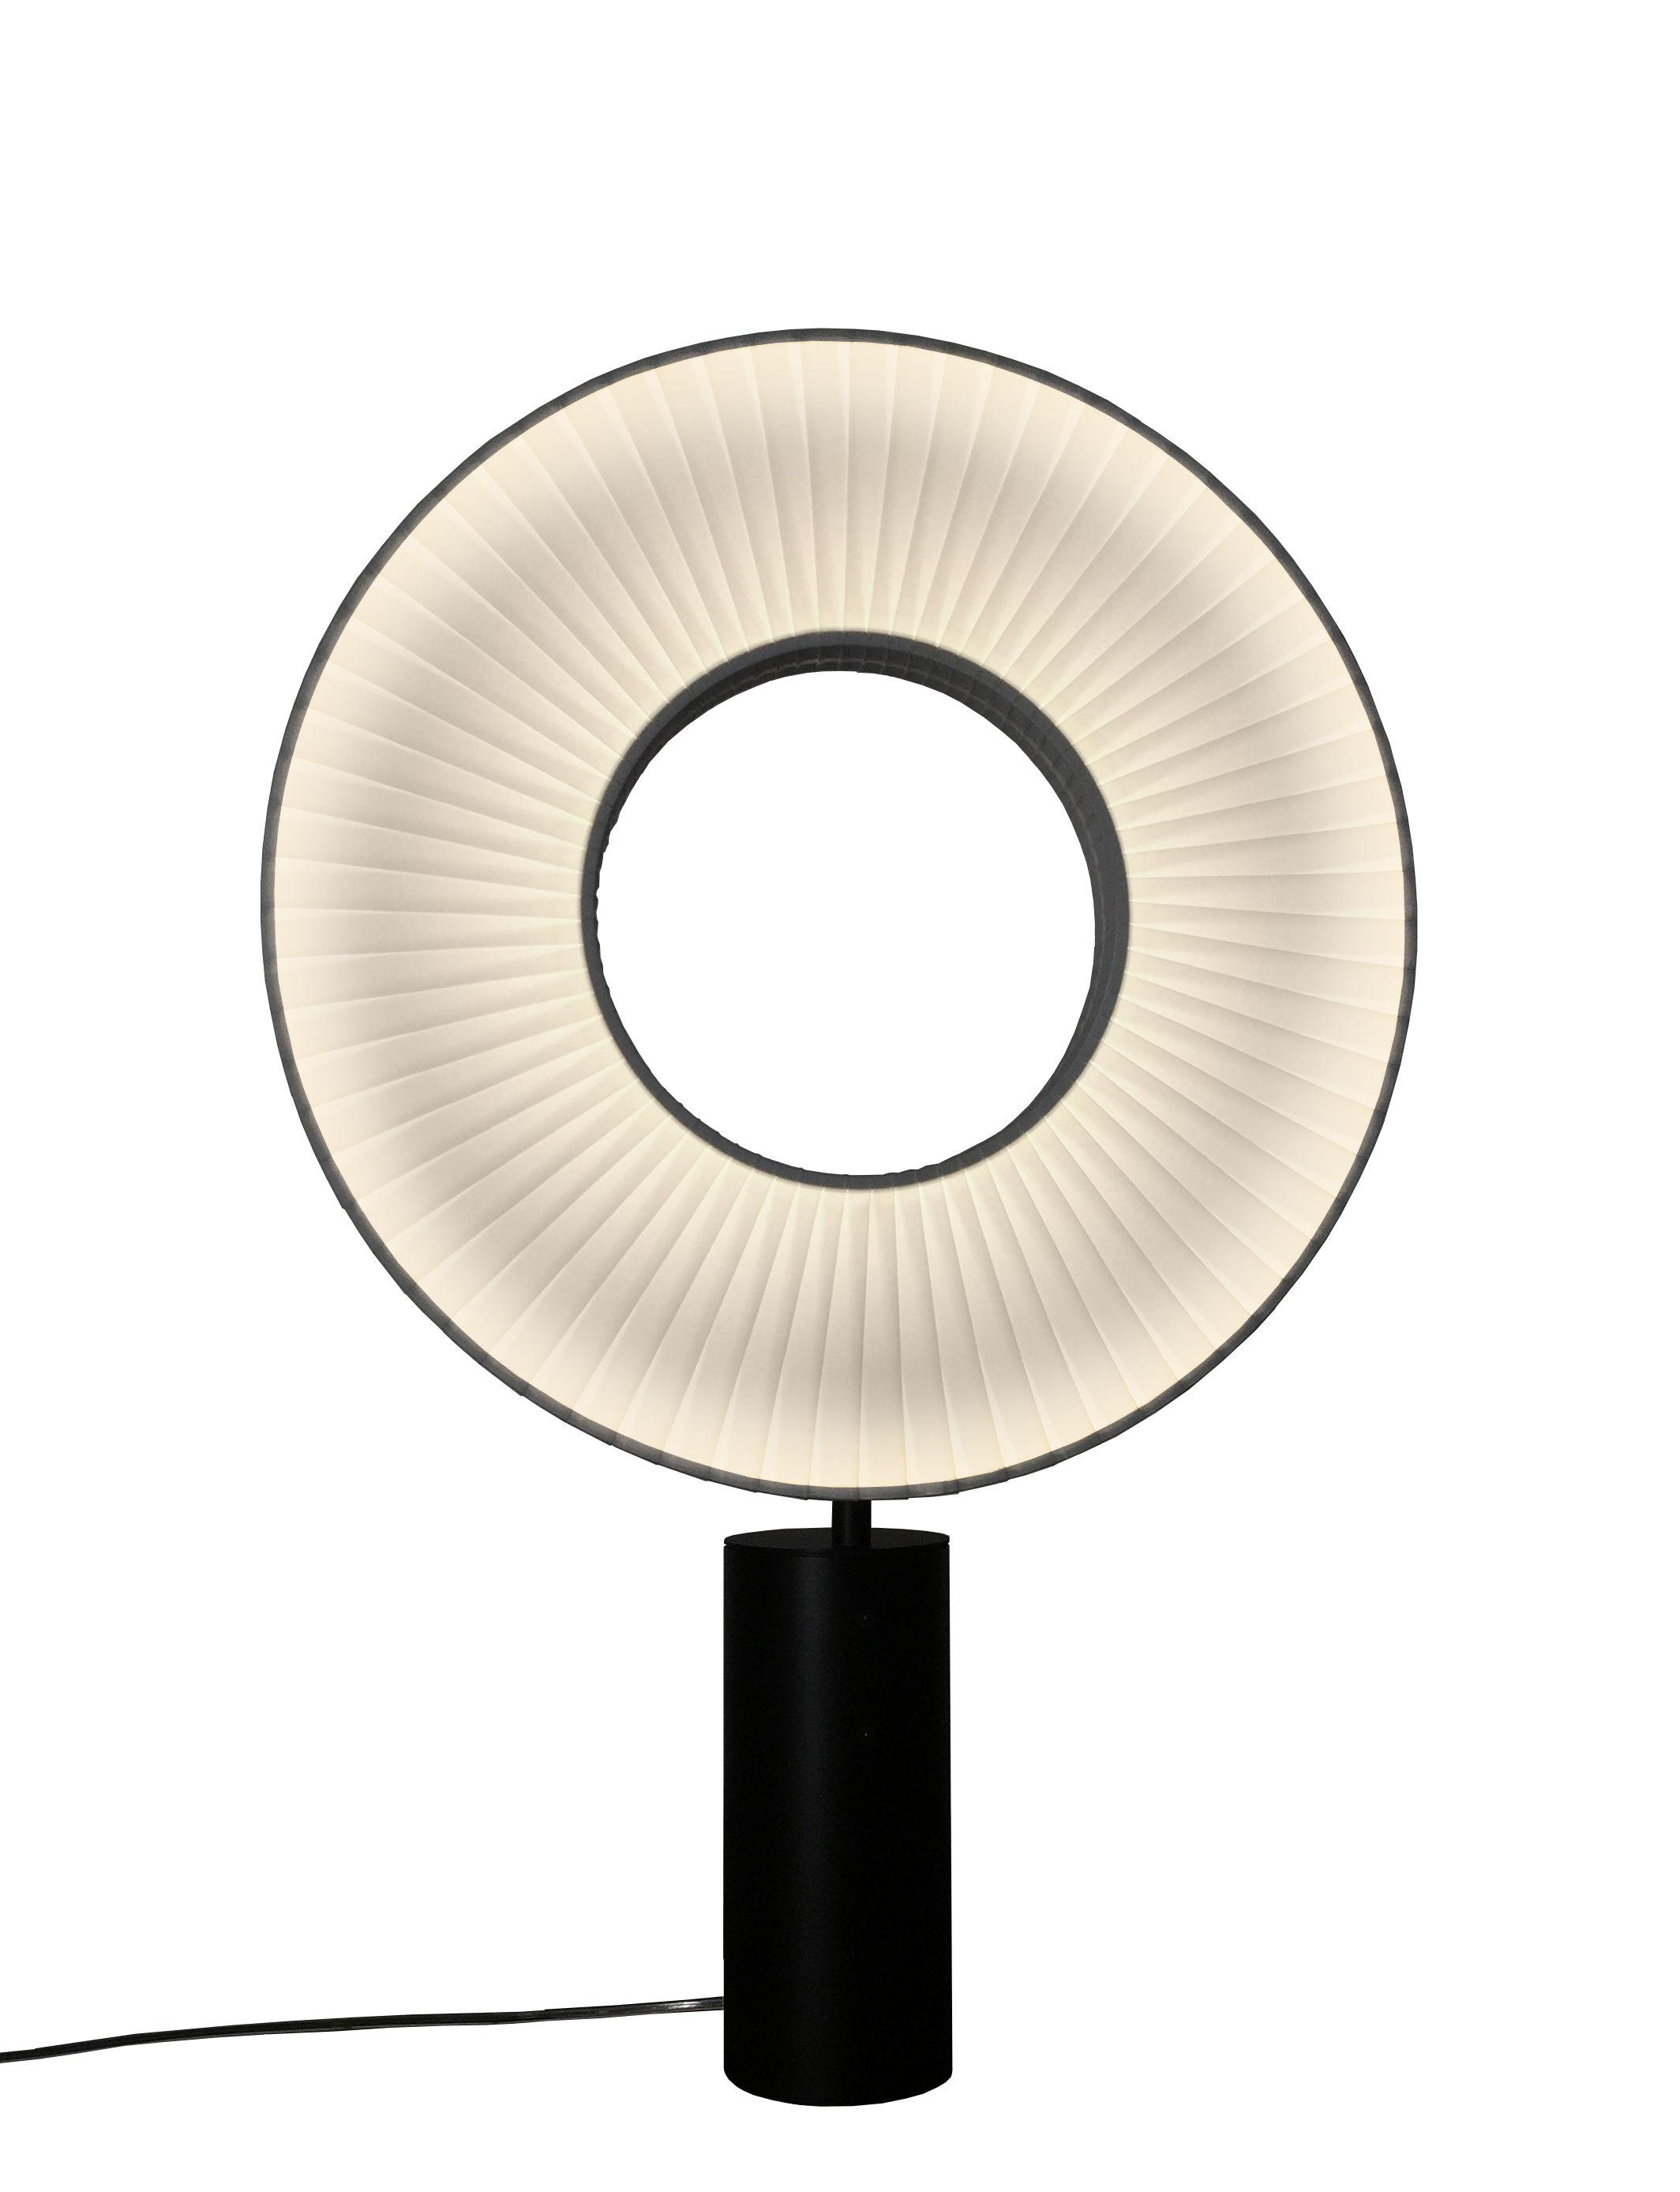 Luminaire - Lampes de table - Lampe de table Iris LED / Eclairage double flux & recto-verso - Dix Heures Dix - H 75 cm / Tissu blanc & pied noir - Métal, Tissu